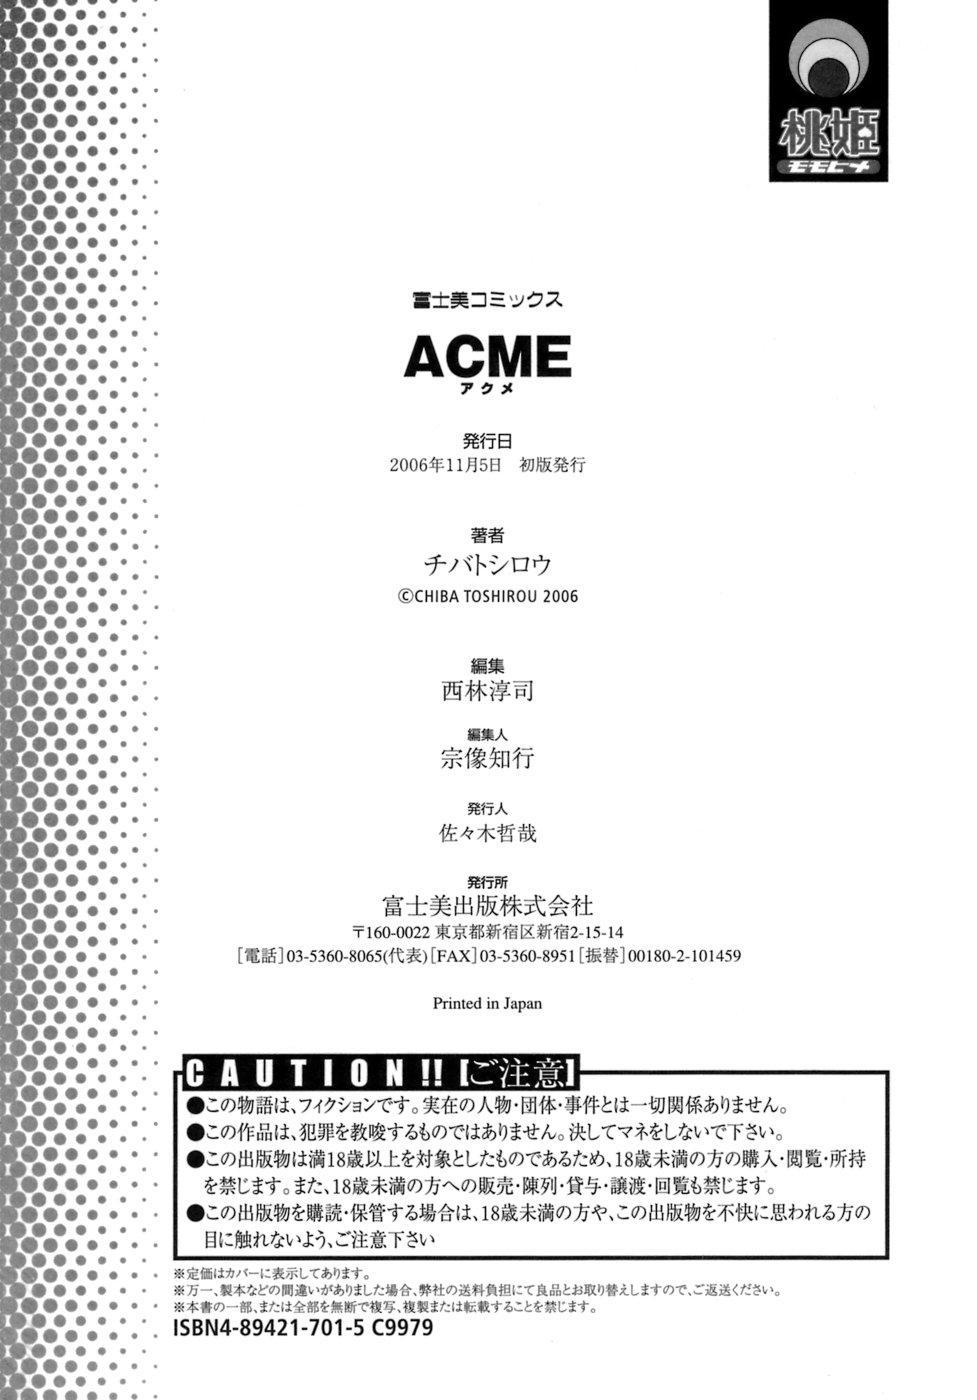 ACME 170